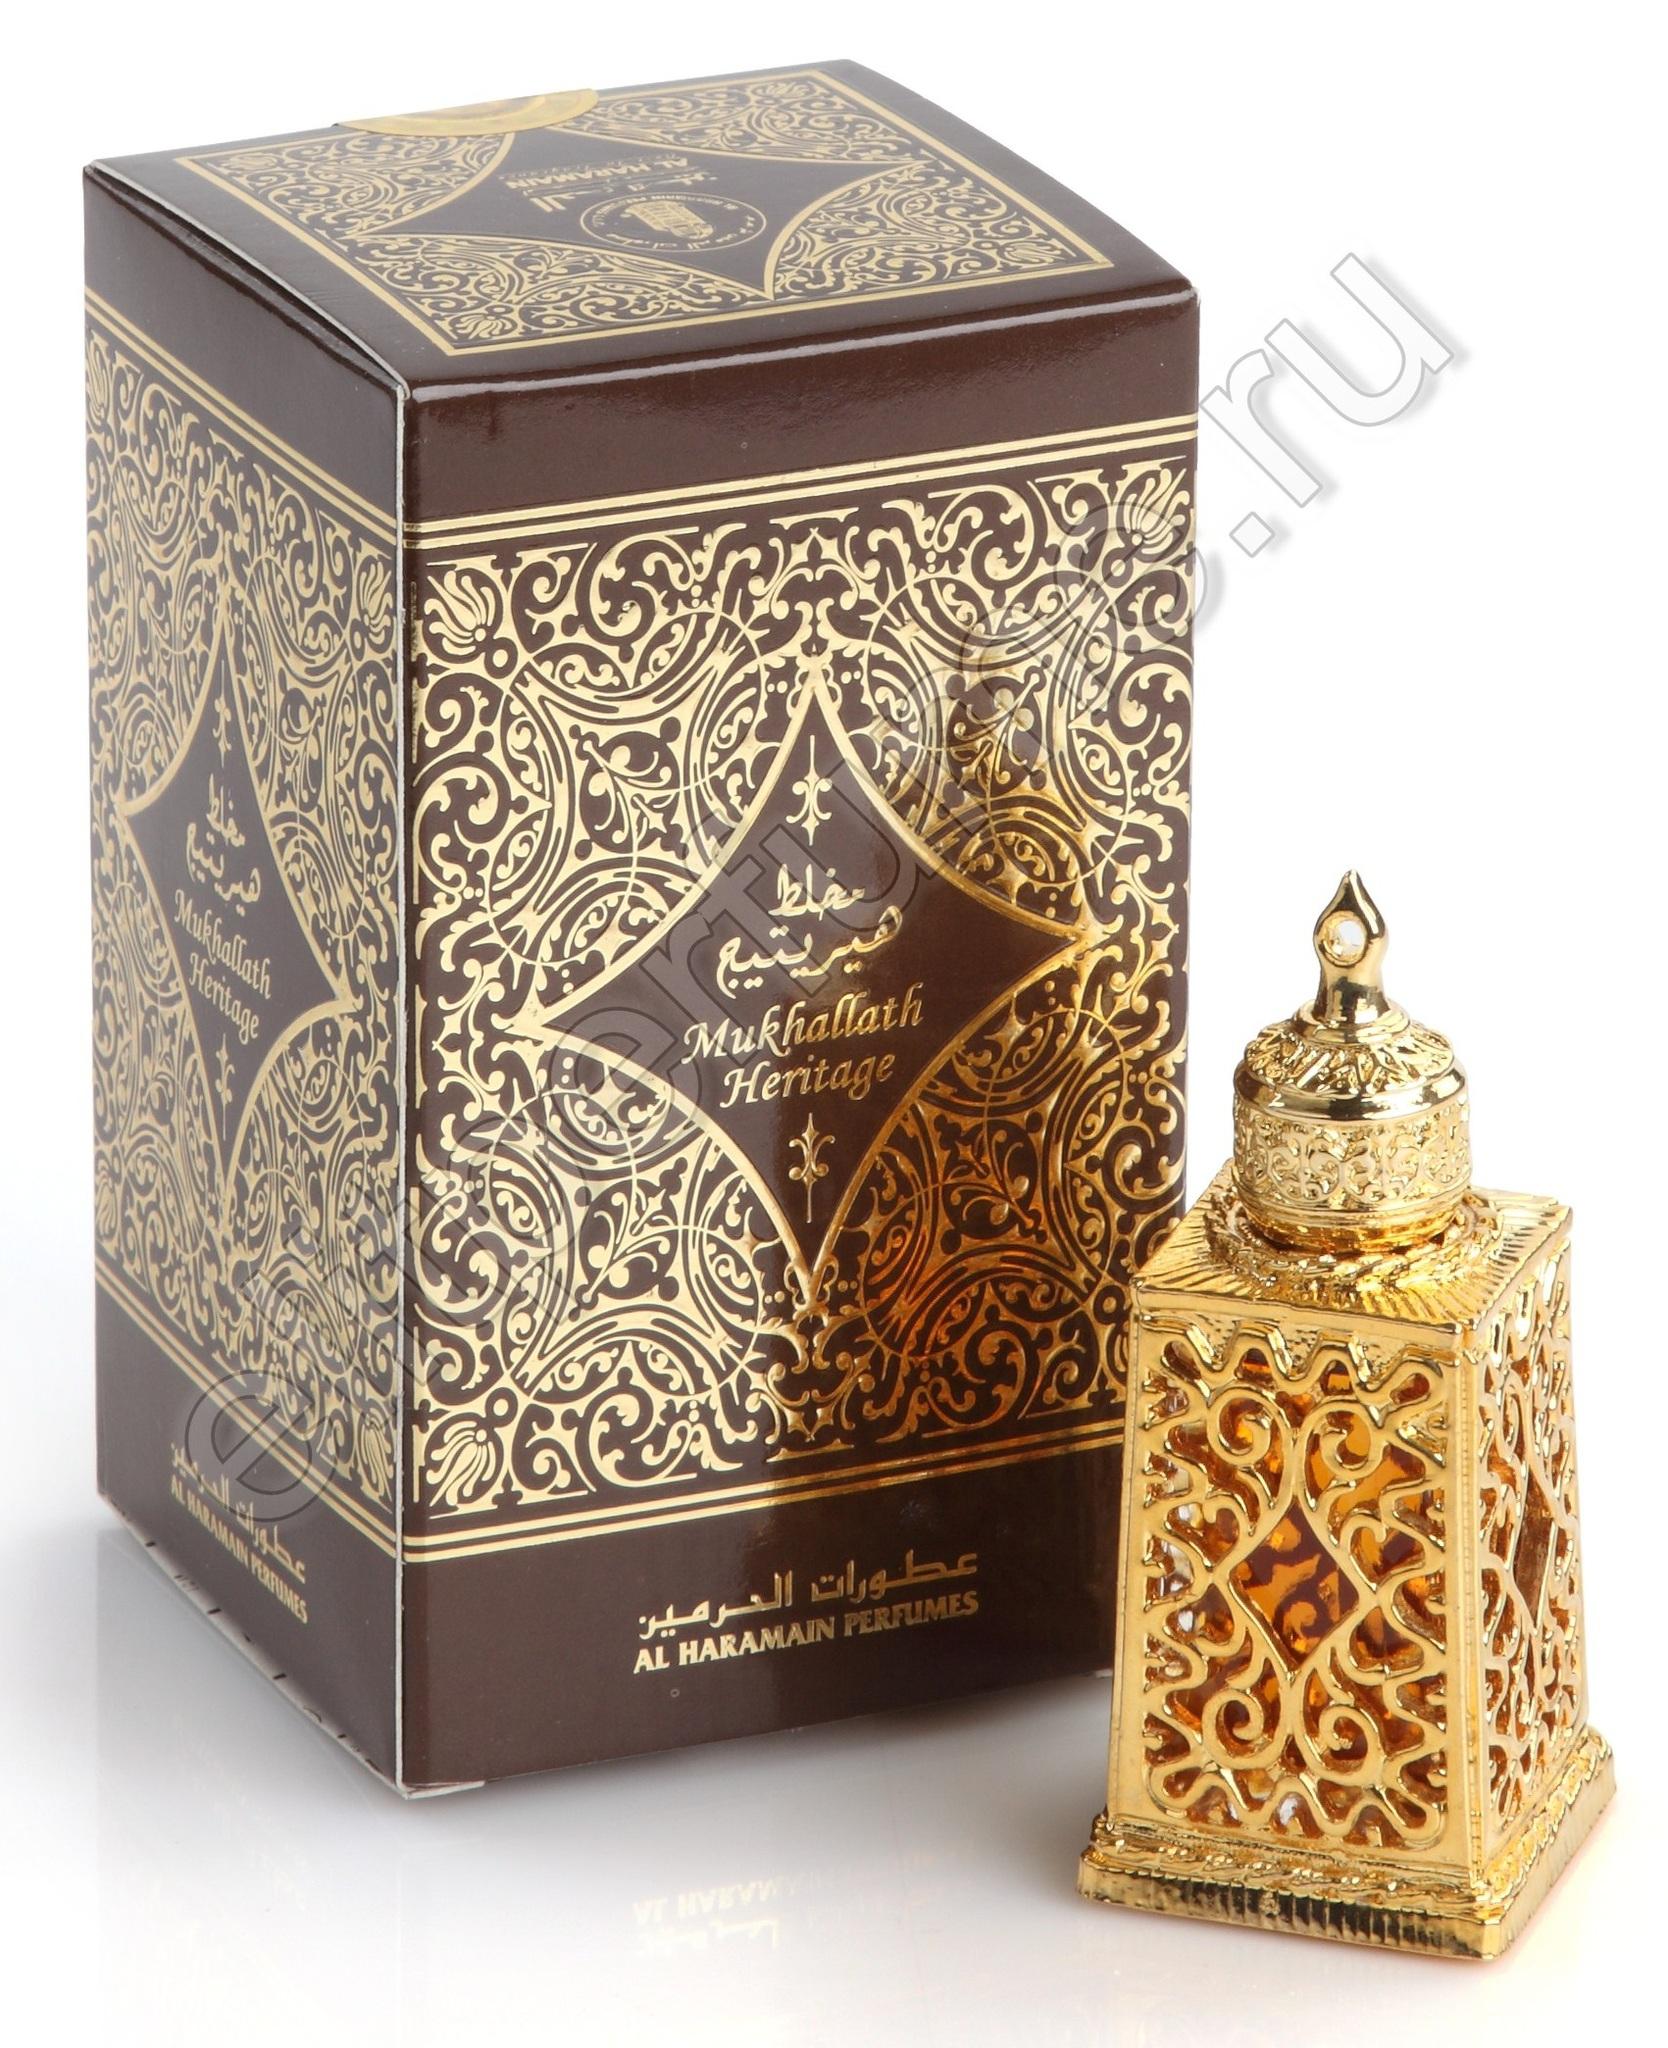 Арабские духи Mukhallath Heritage Мухаллат Херитейдж